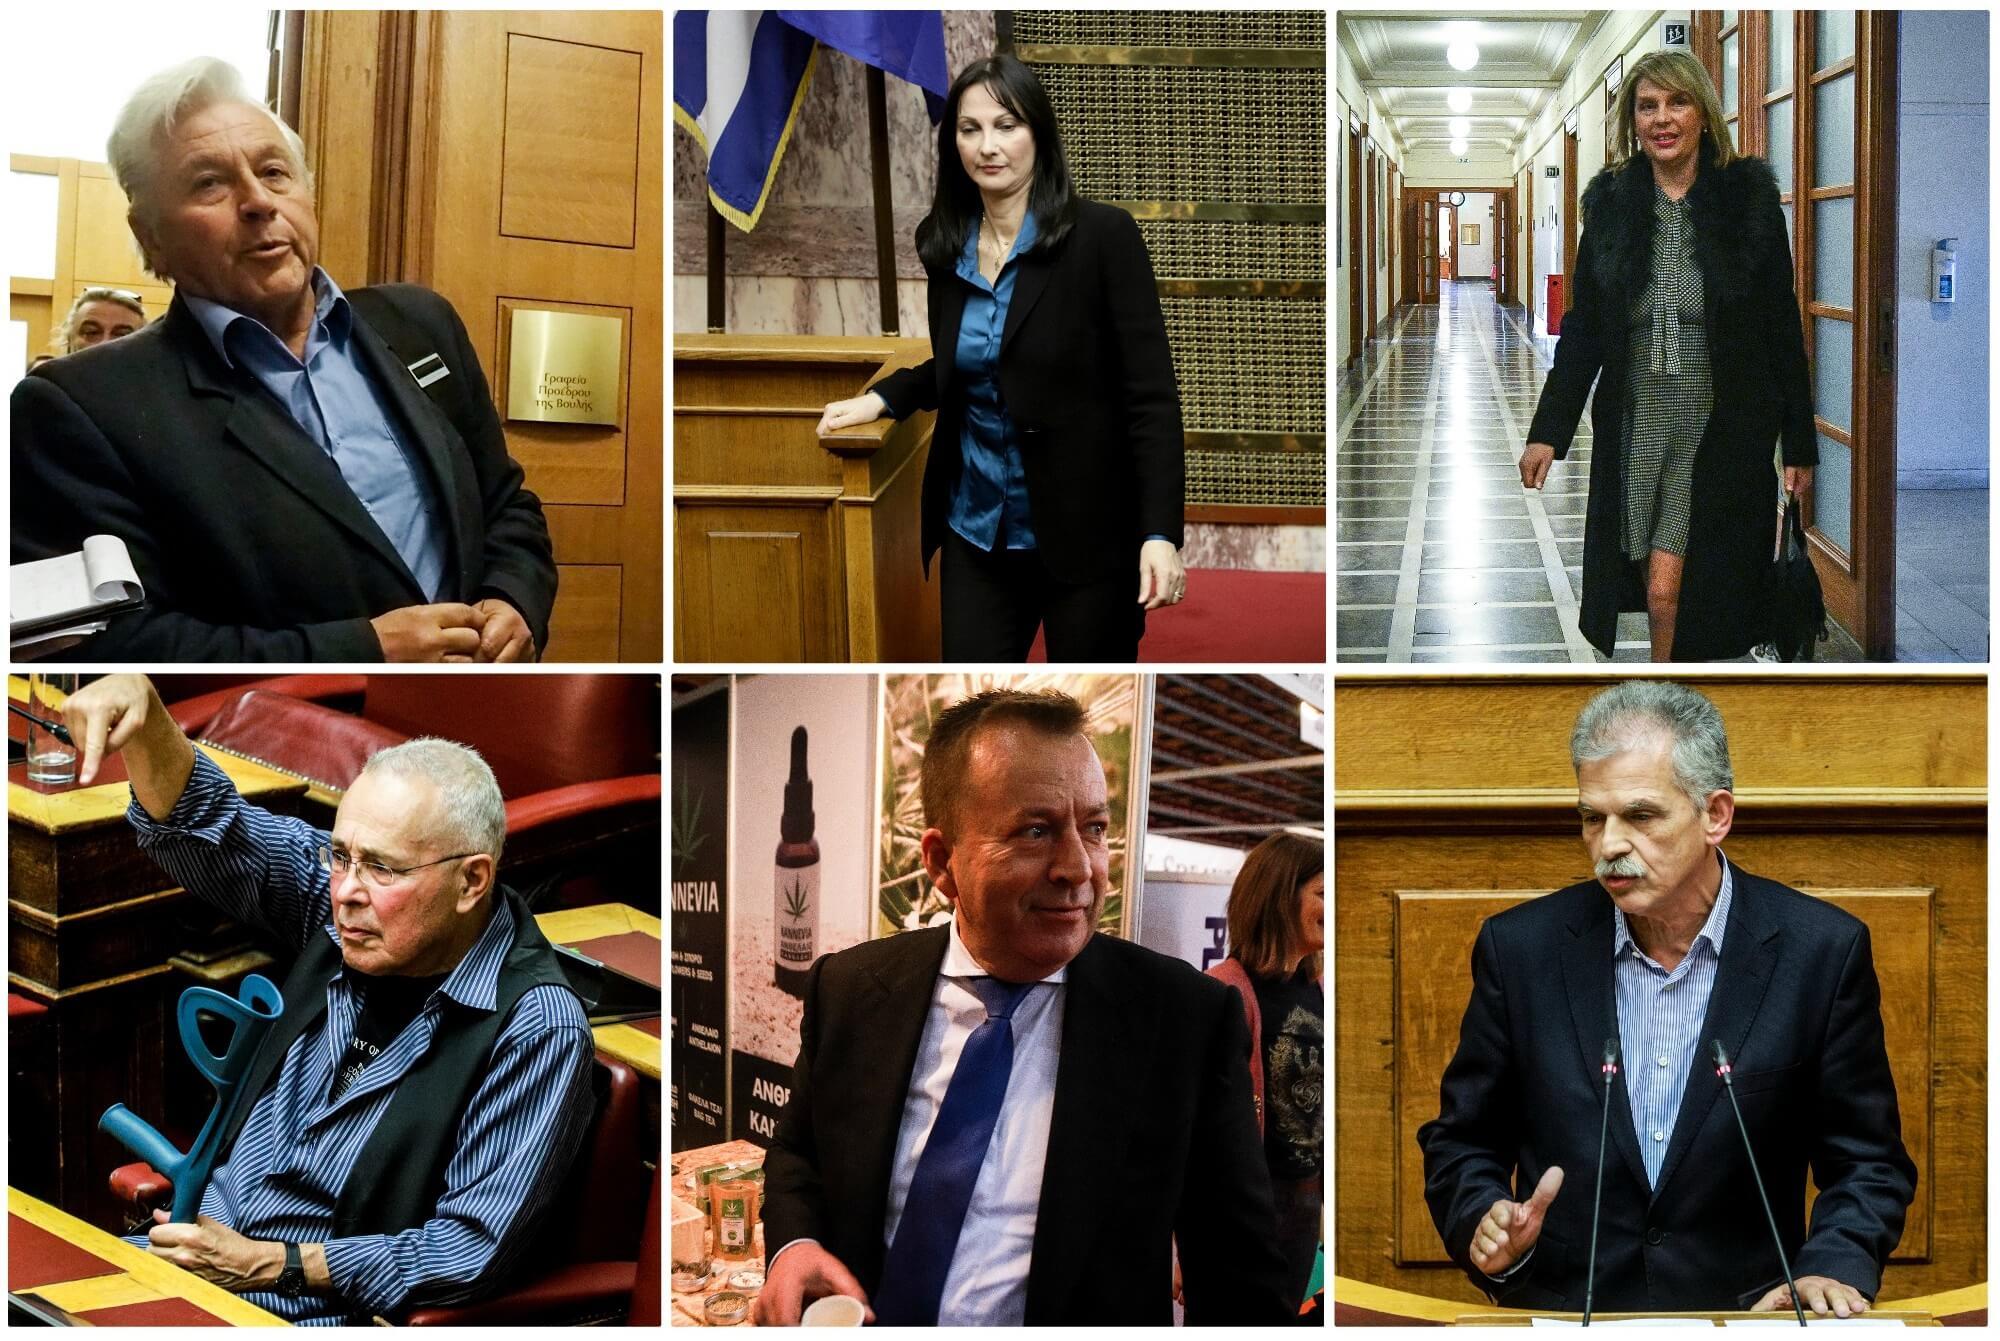 Ένα με την Κ.Ο. του ΣΥΡΙΖΑ έγιναν οι έξι βουλευτές - Ζήτησαν να προσμετρώνται οι ψήφοι τους στις ψήφους της συμπολίτευσης!